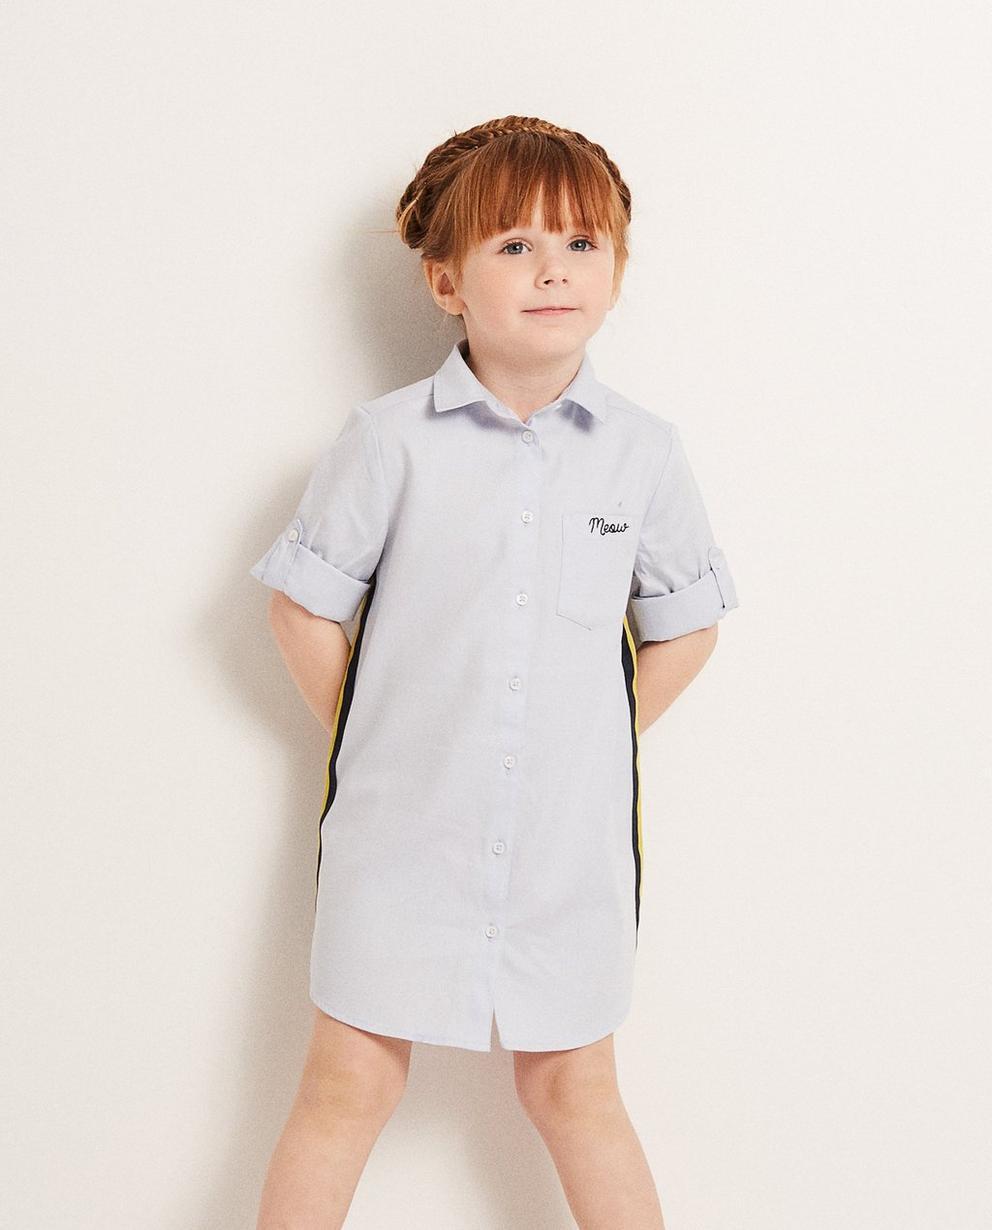 Kleider - Hellflieder - Hemdkleid mit Besatz